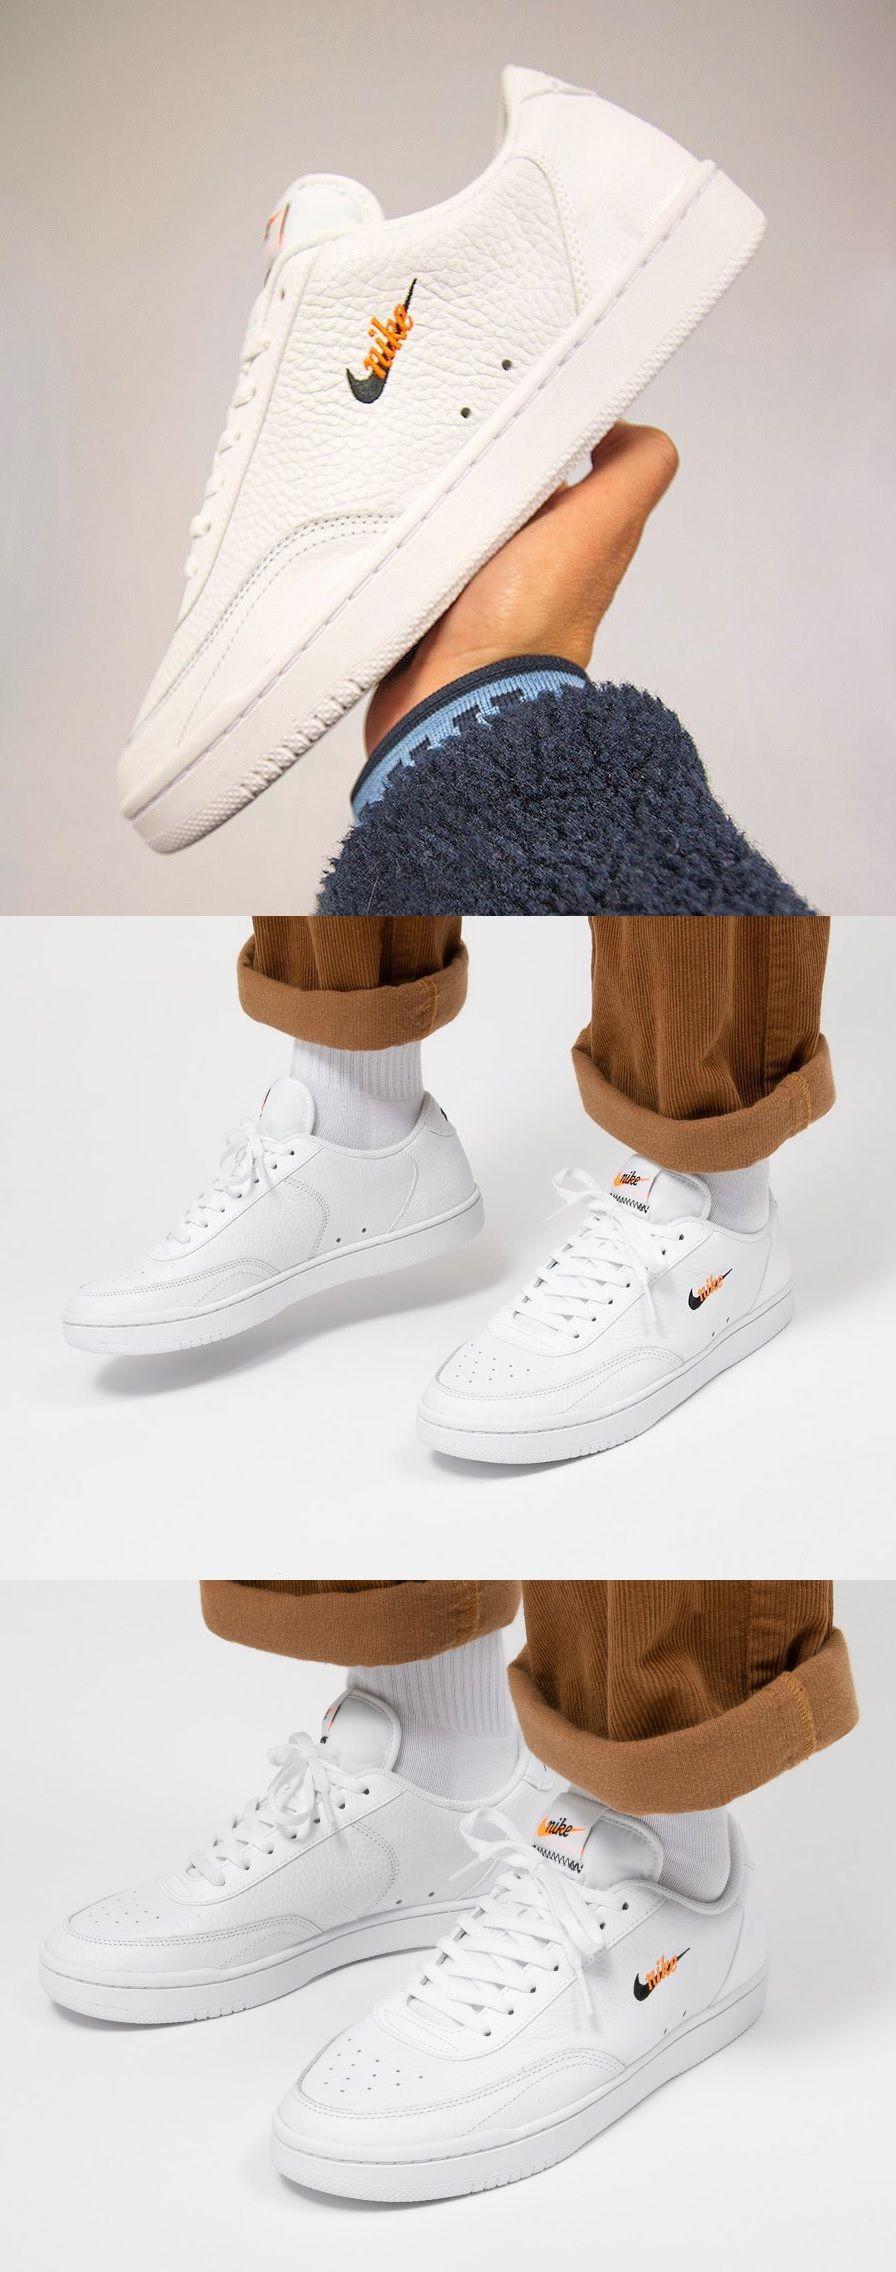 Nike Court Vintage Premium 2020 White Total Orange In 2020 Vintage Sneakers Street Wear Urban Sneakers